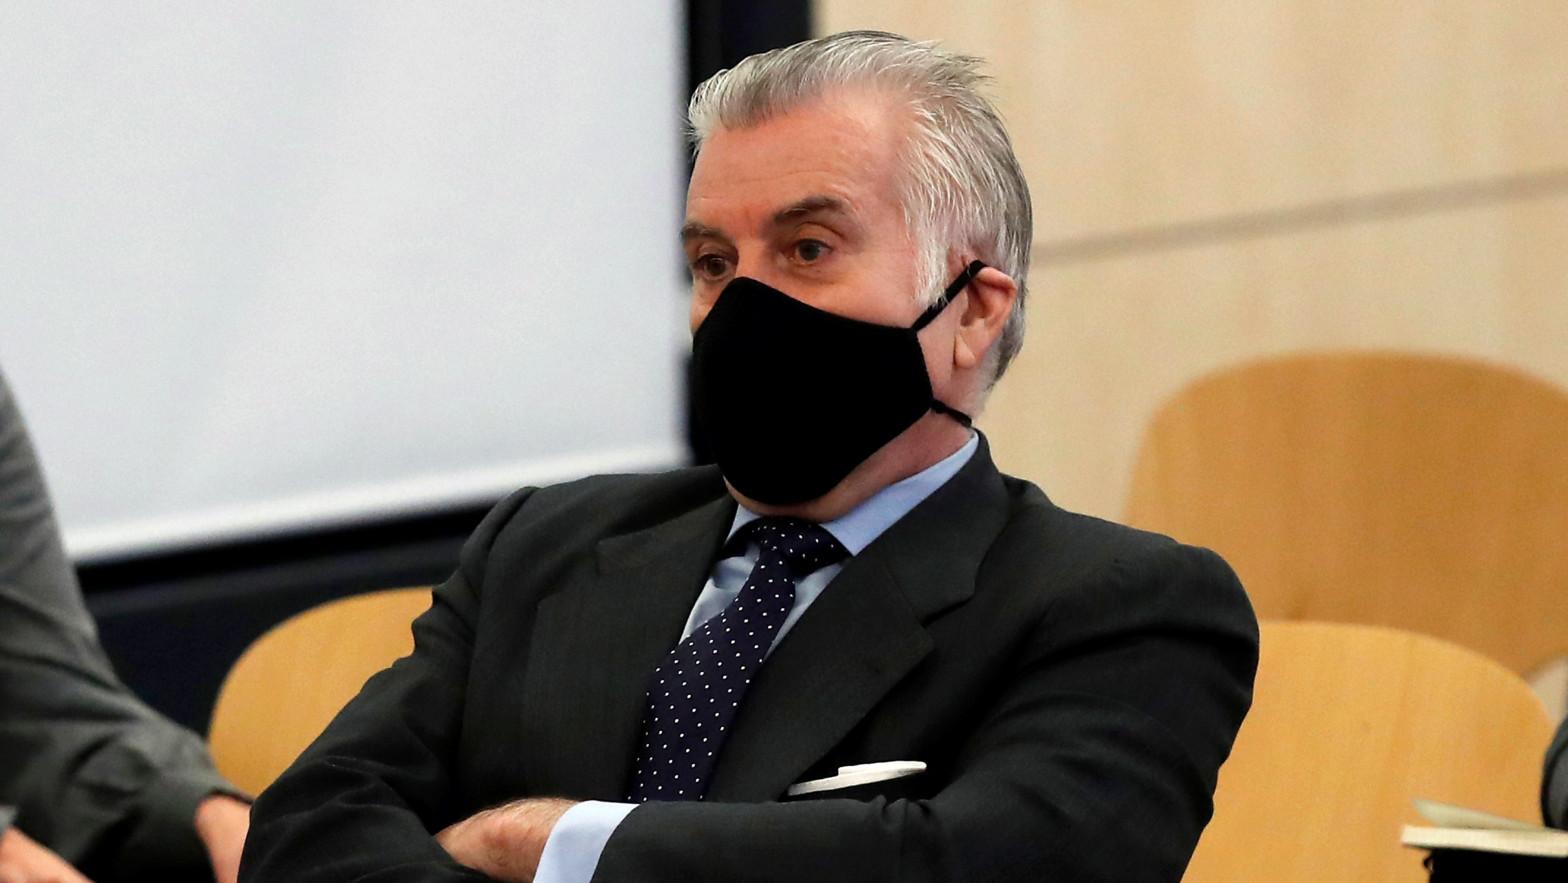 El juez pide a Anticorrupción que informe sobre posibles cuentas de Bárcenas en Canadá y EEUU